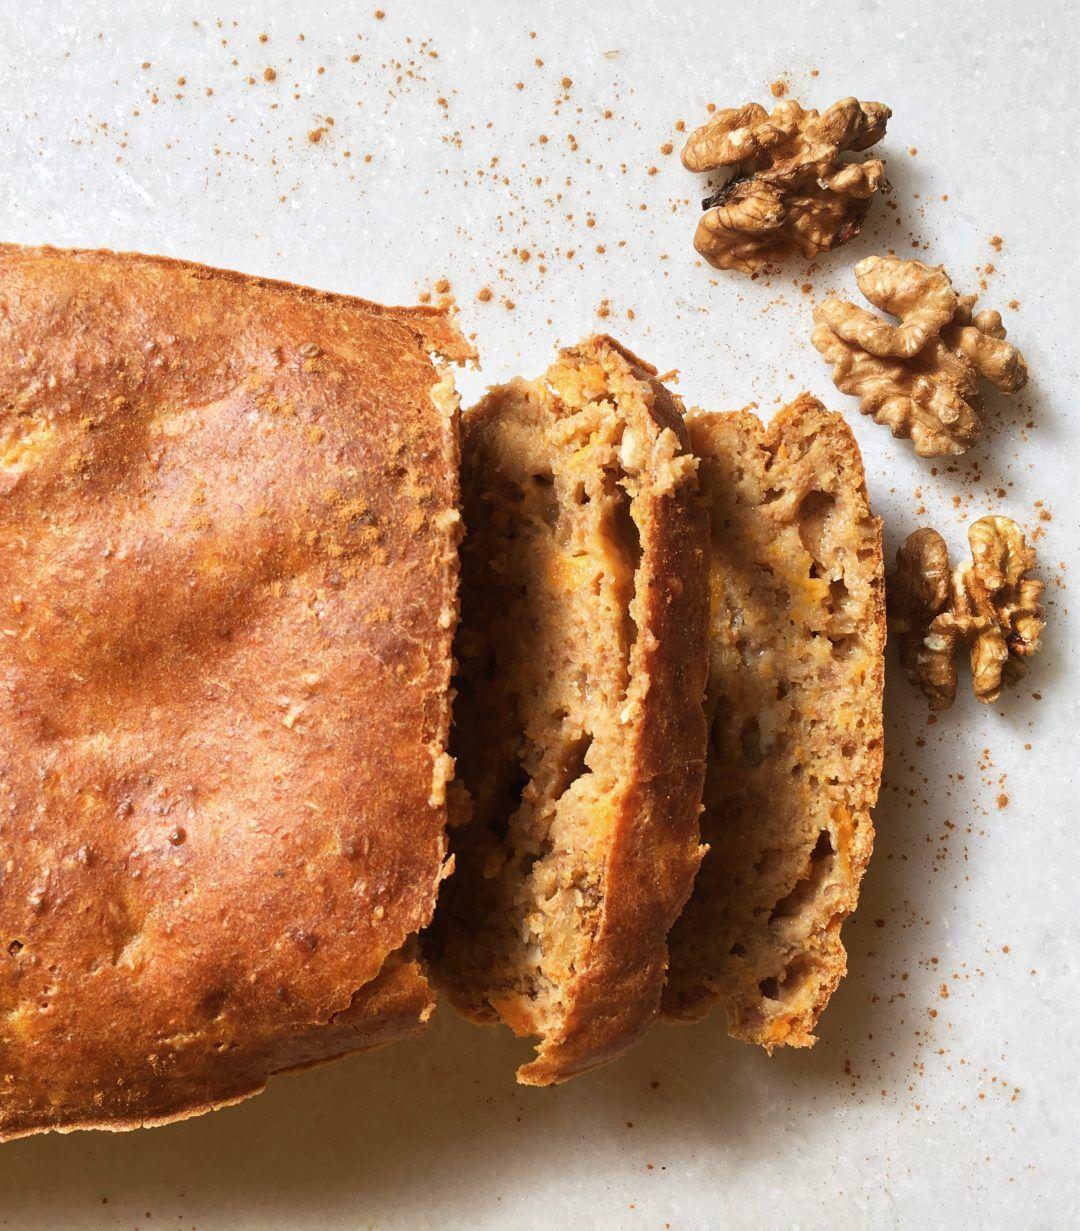 Zoete aardappel cake